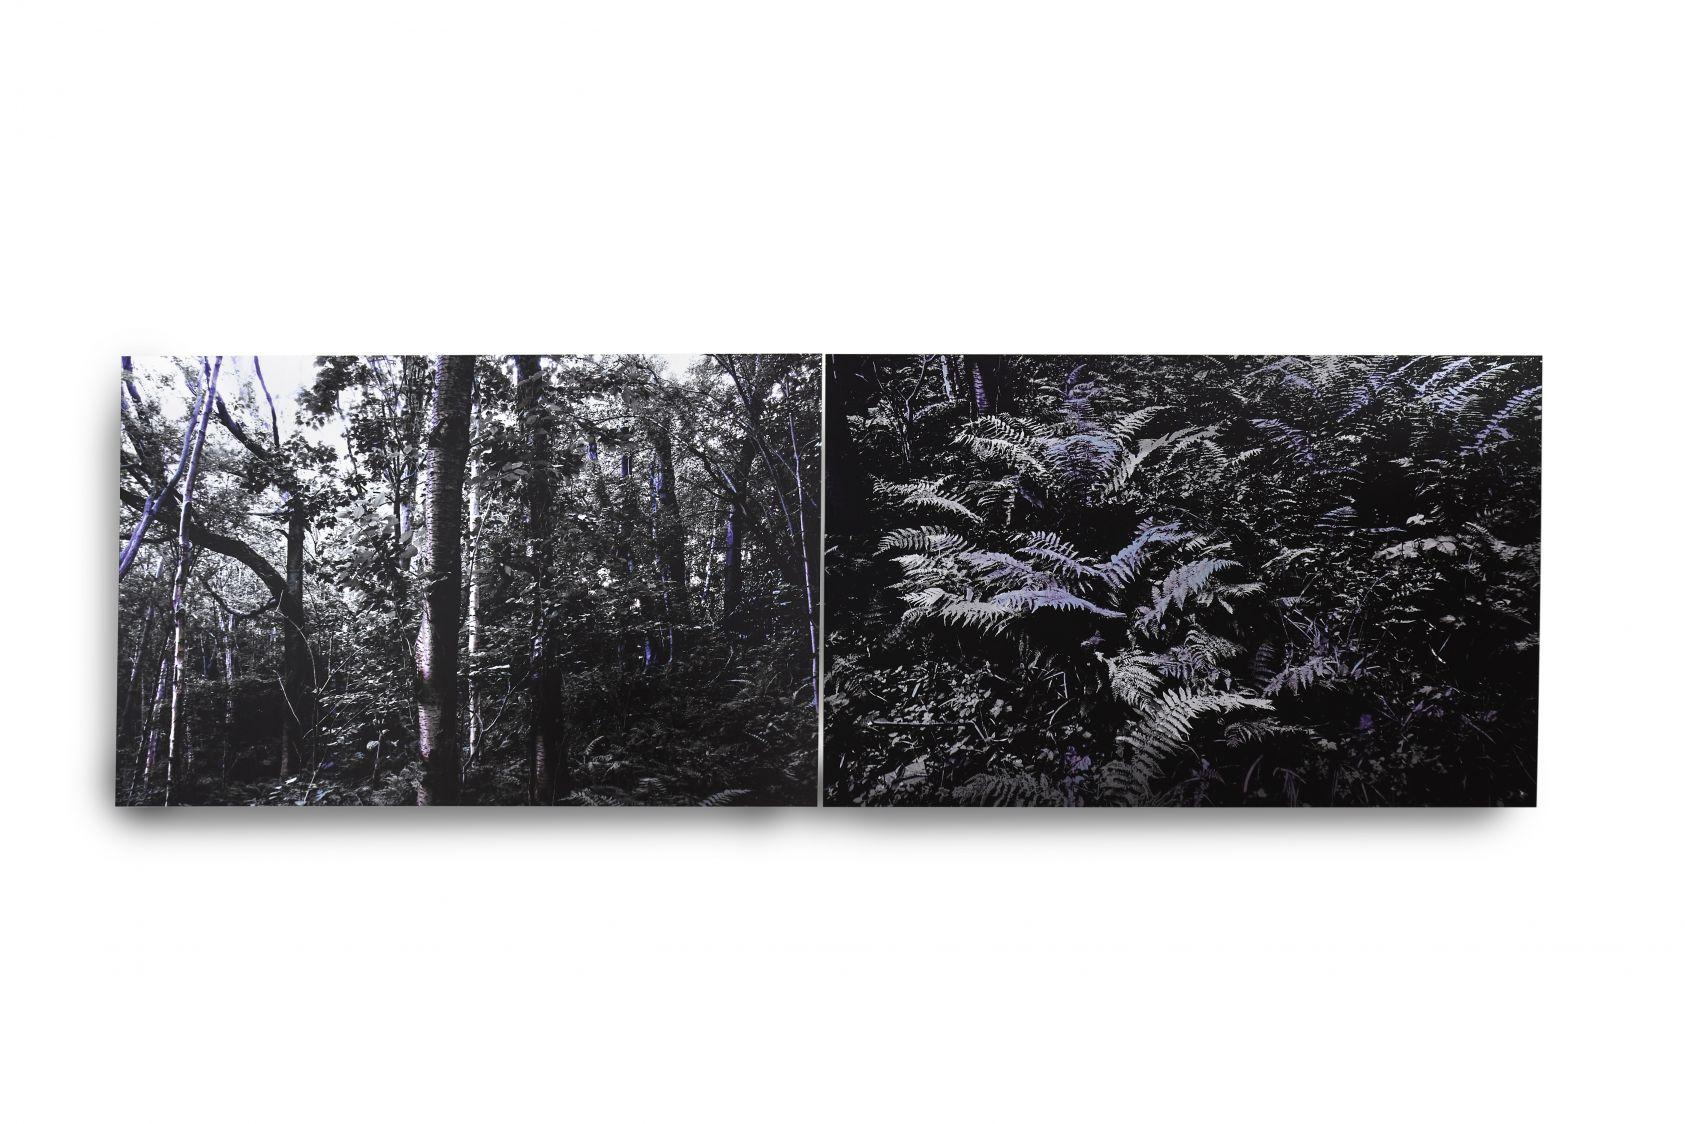 Bosques Alterados (2017) - Mirta Gendin